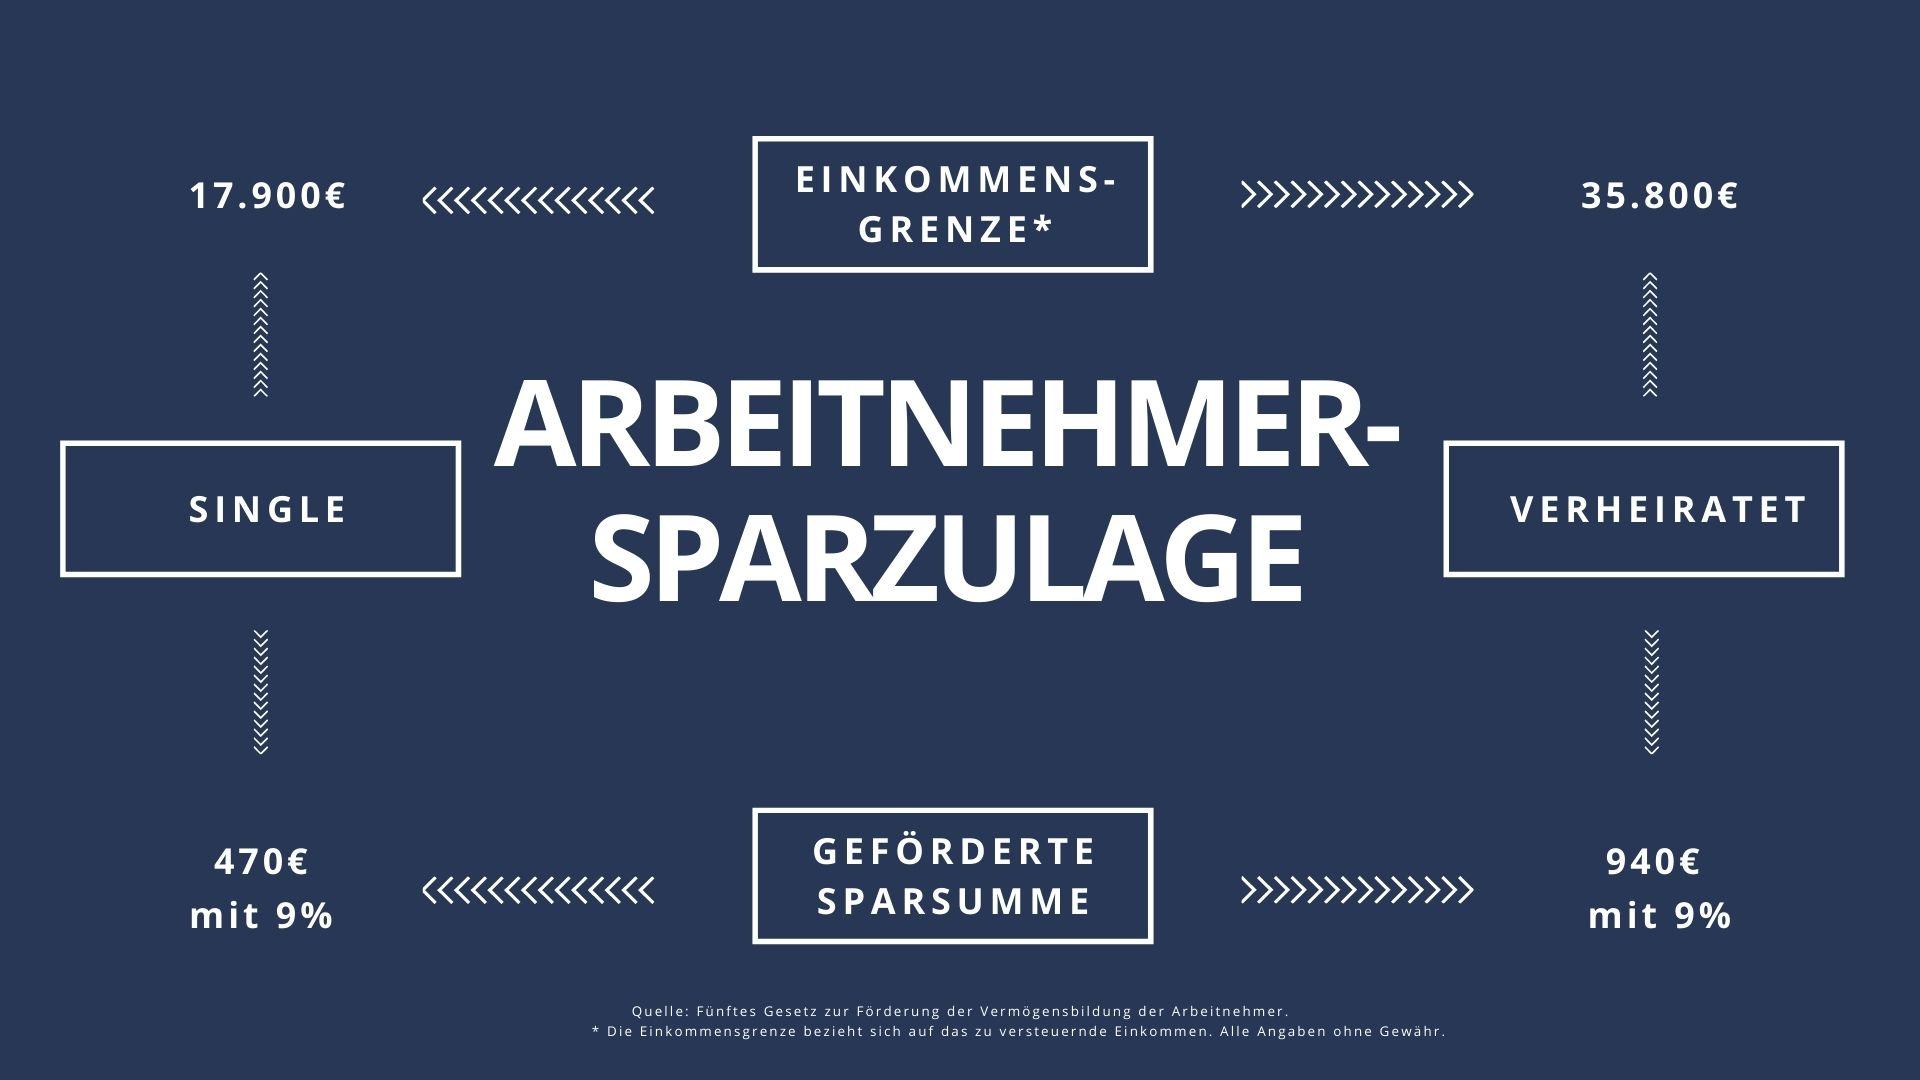 Arbeitnehmersparzulage Bausparvertrag, Vermögenswirksame Leistungen Saarland